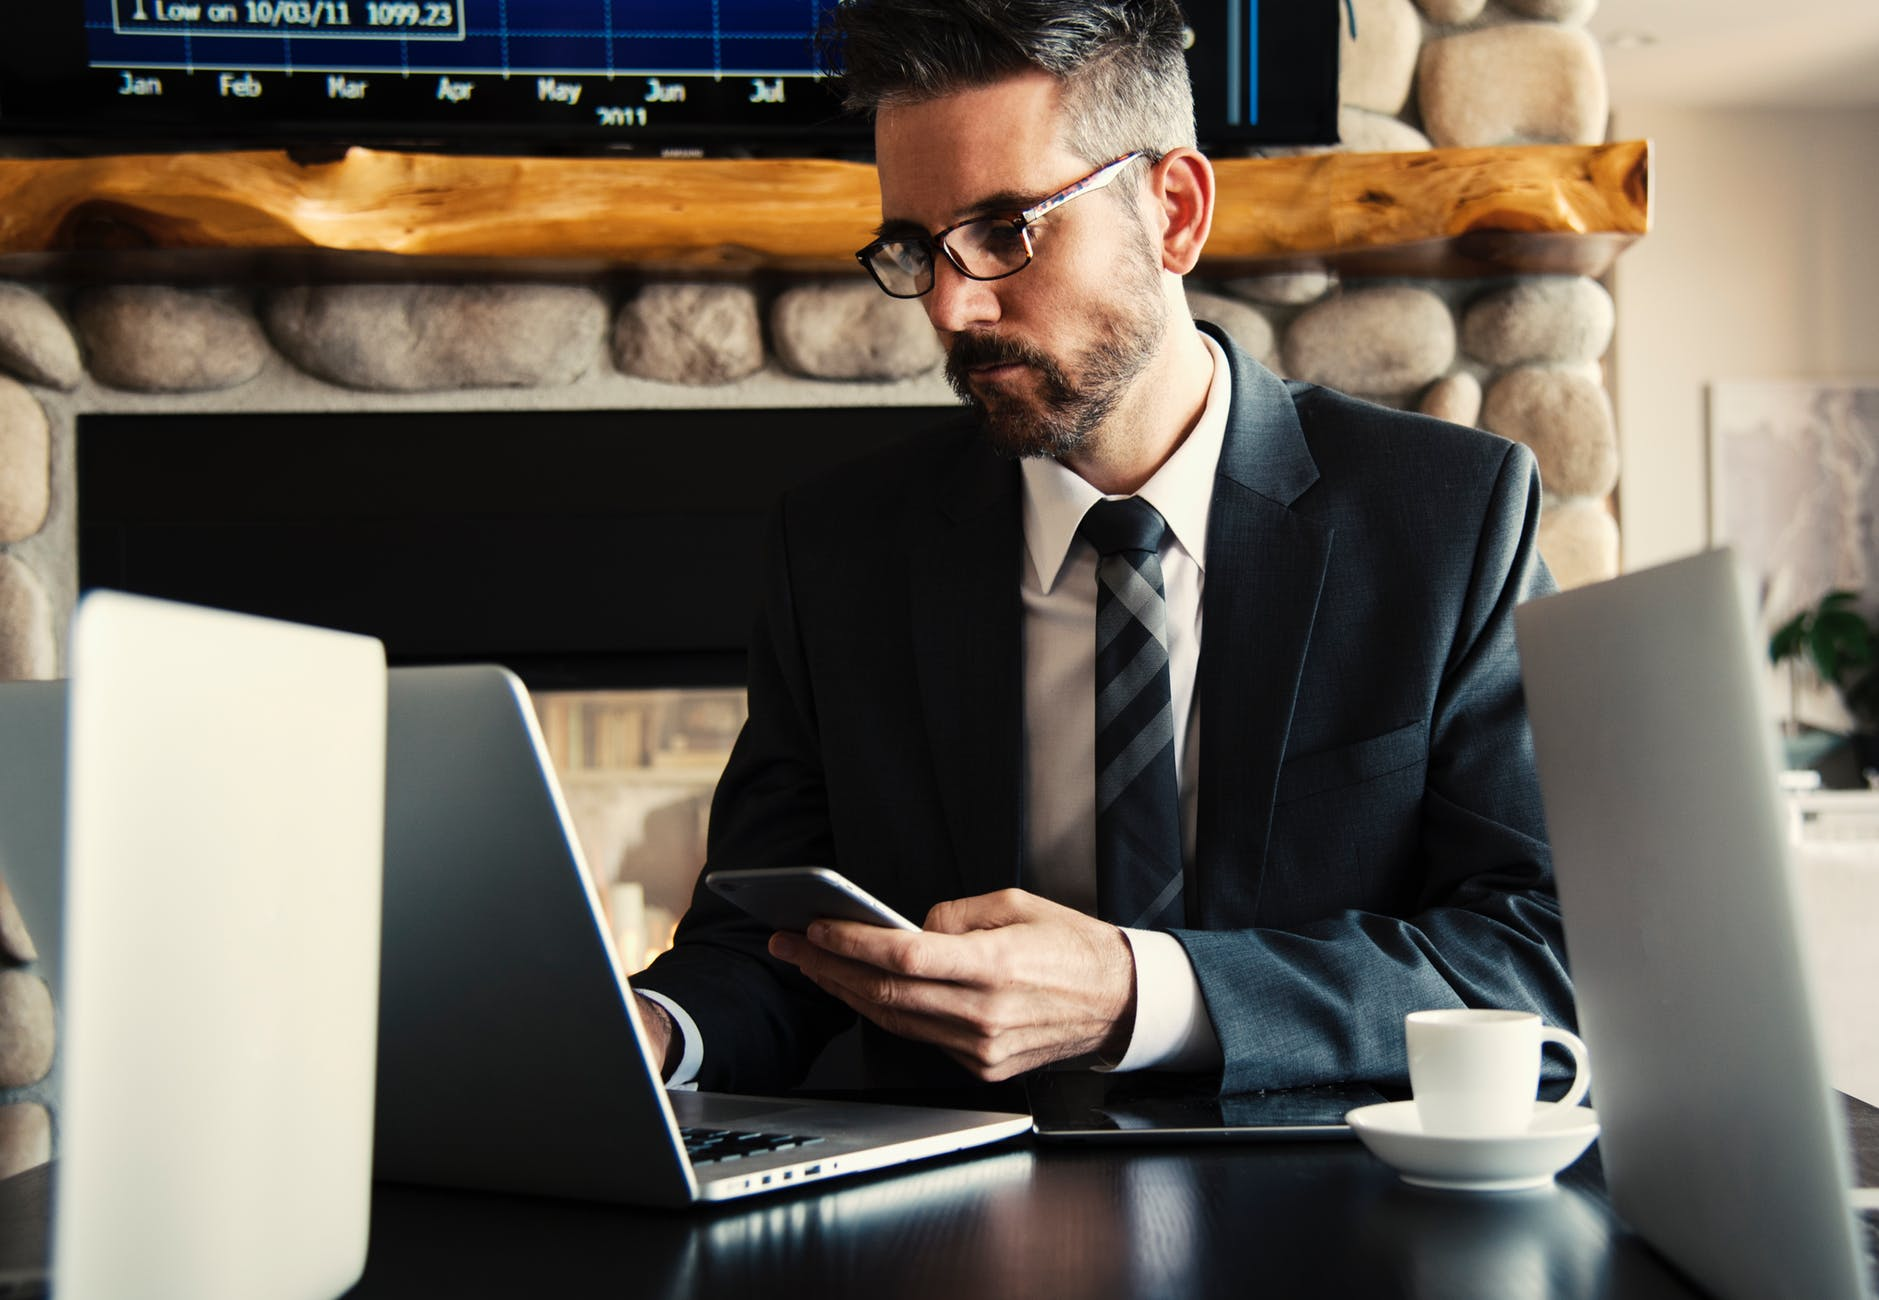 Kaip atpažinti įmonę tyliai griaunantį darbuotoją